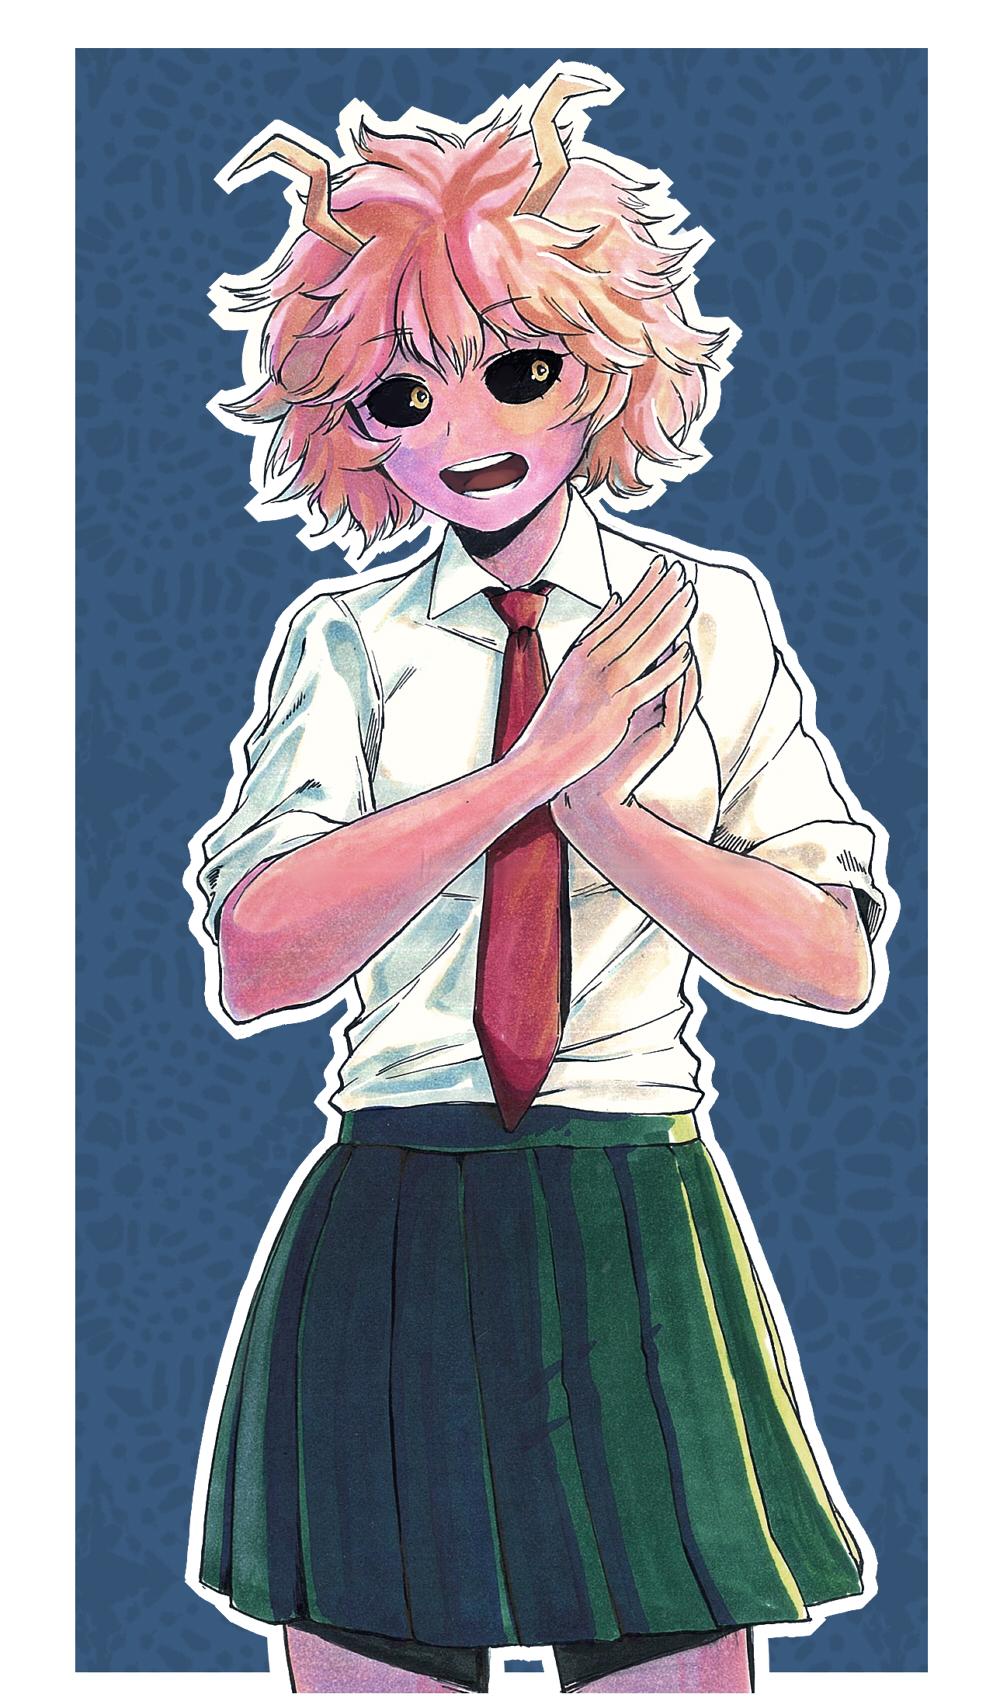 Ashido Mina Boku No Hero Academia Image 2414359